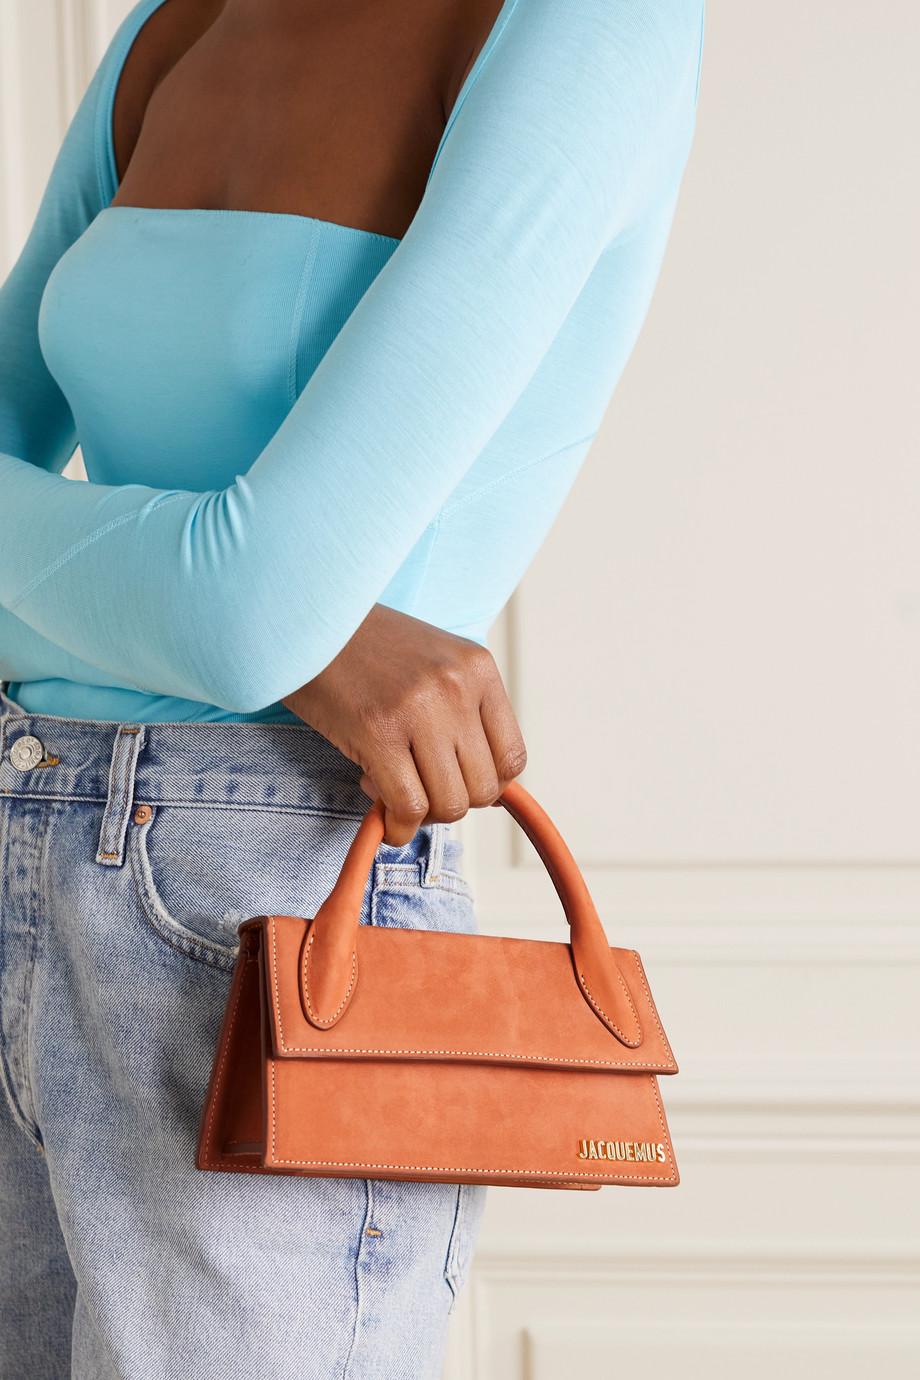 Jacquemus Le Chiquito Long suede shoulder bag